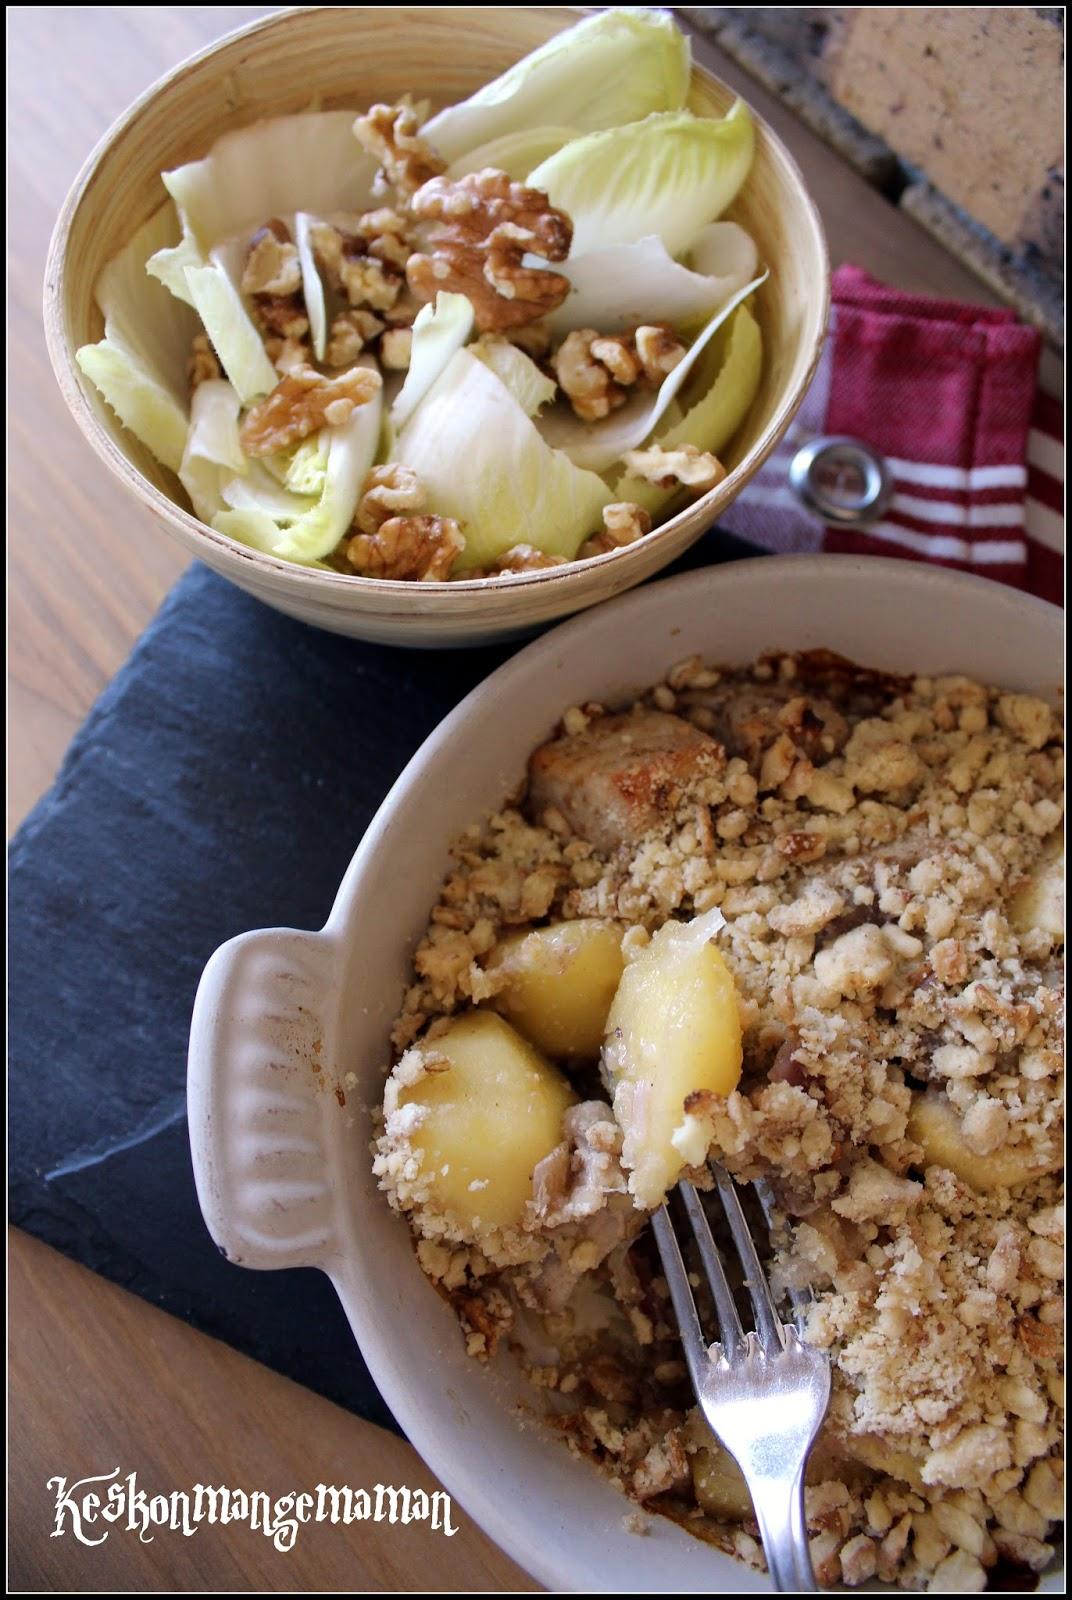 keskonmangemaman bataille food 42 crumble sal de porc pommes et oignons rouges. Black Bedroom Furniture Sets. Home Design Ideas